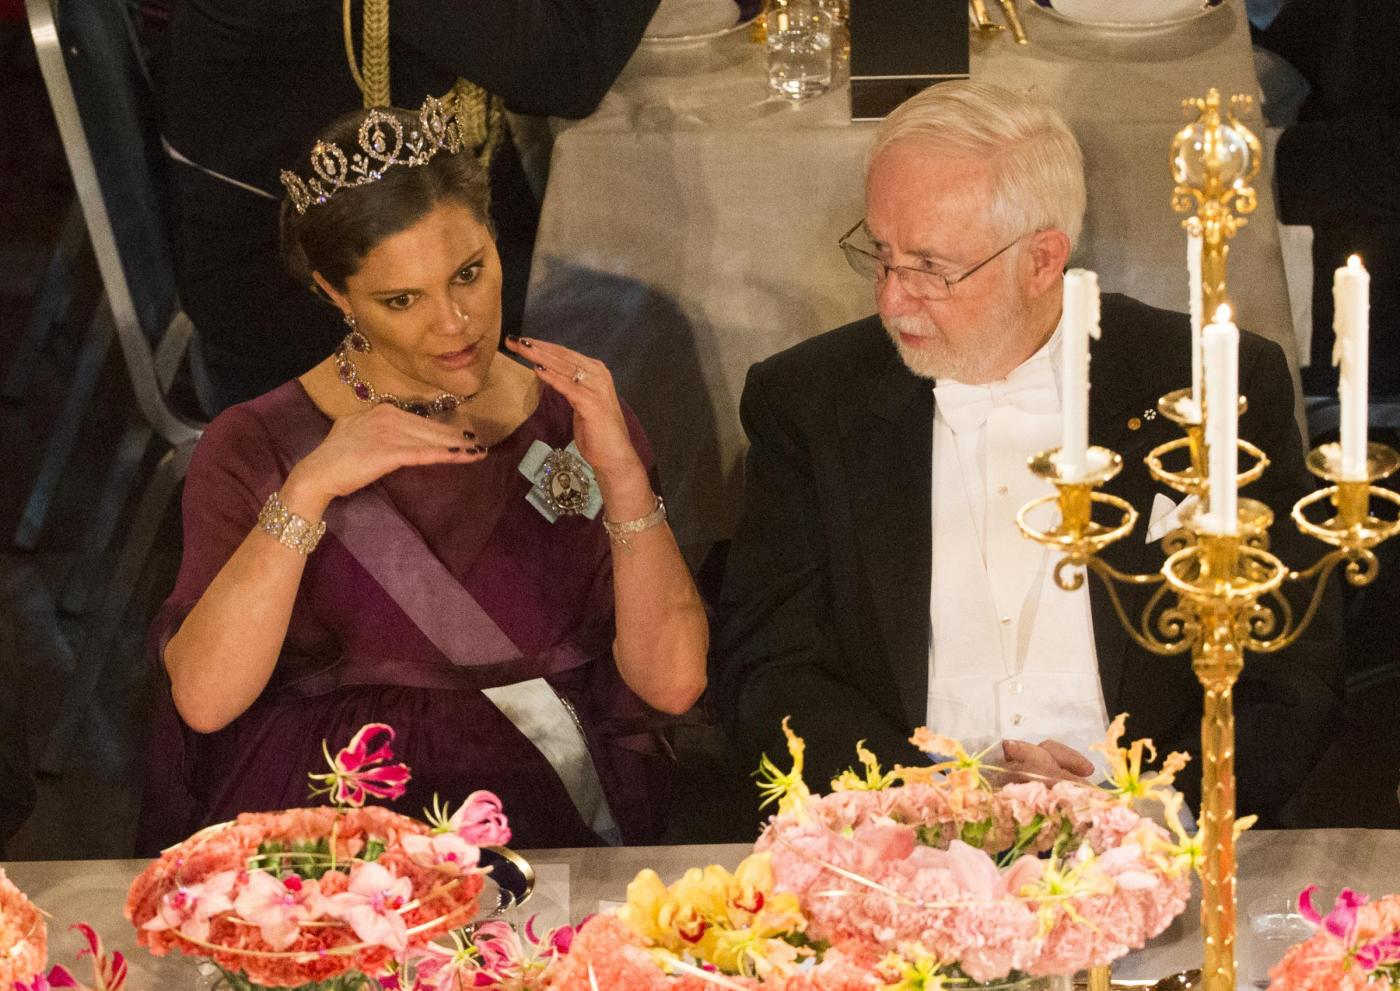 Nobel, principessa di Svezia incinta con abito a vita alta12